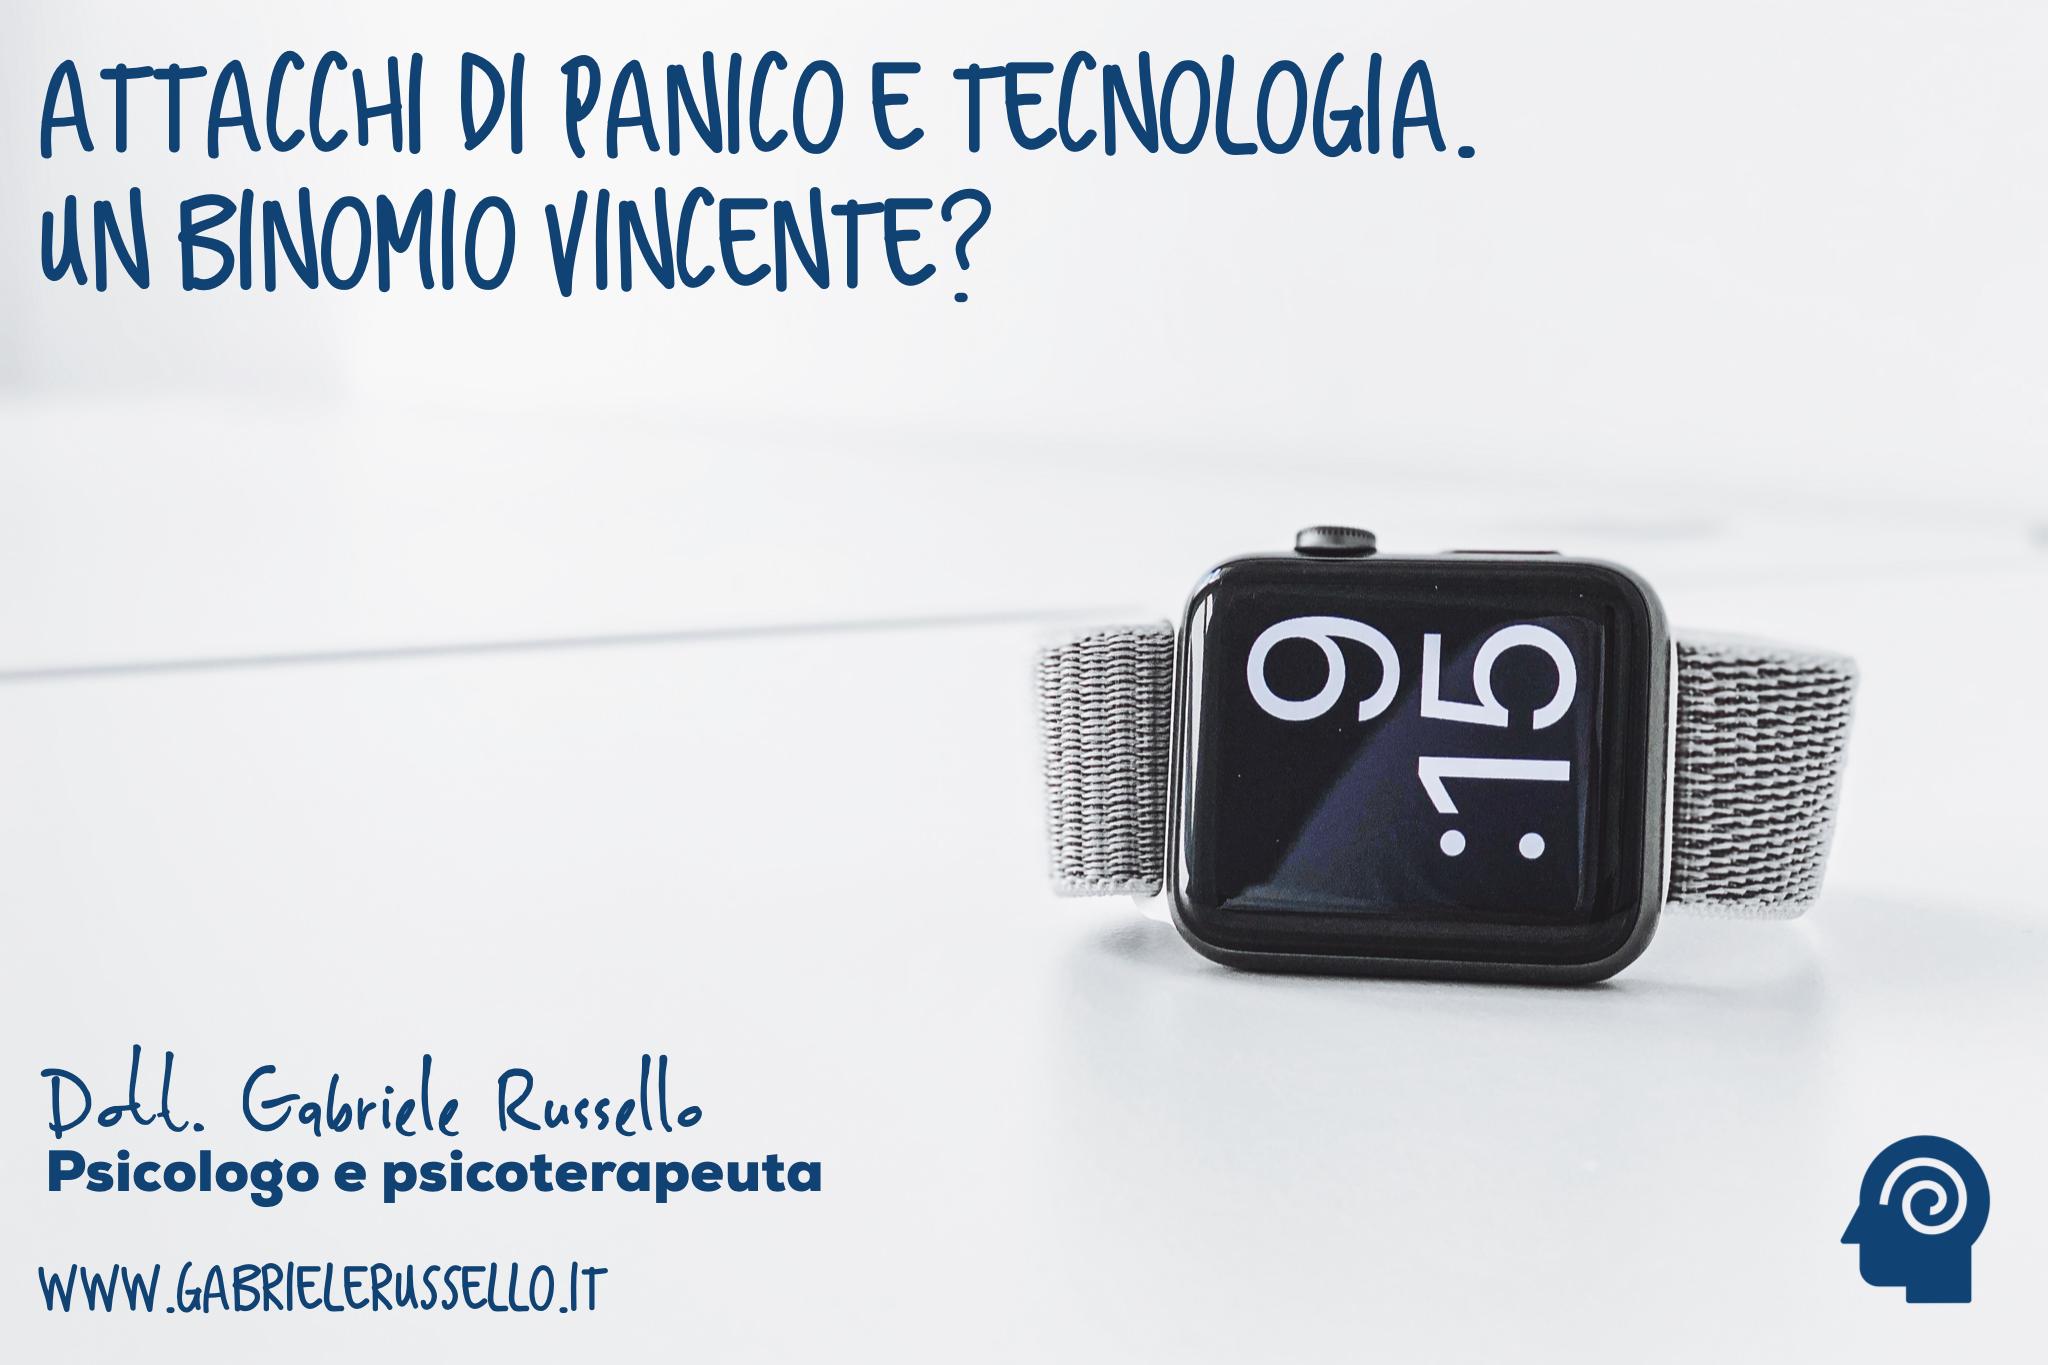 Attacchi di panico e tecnologia